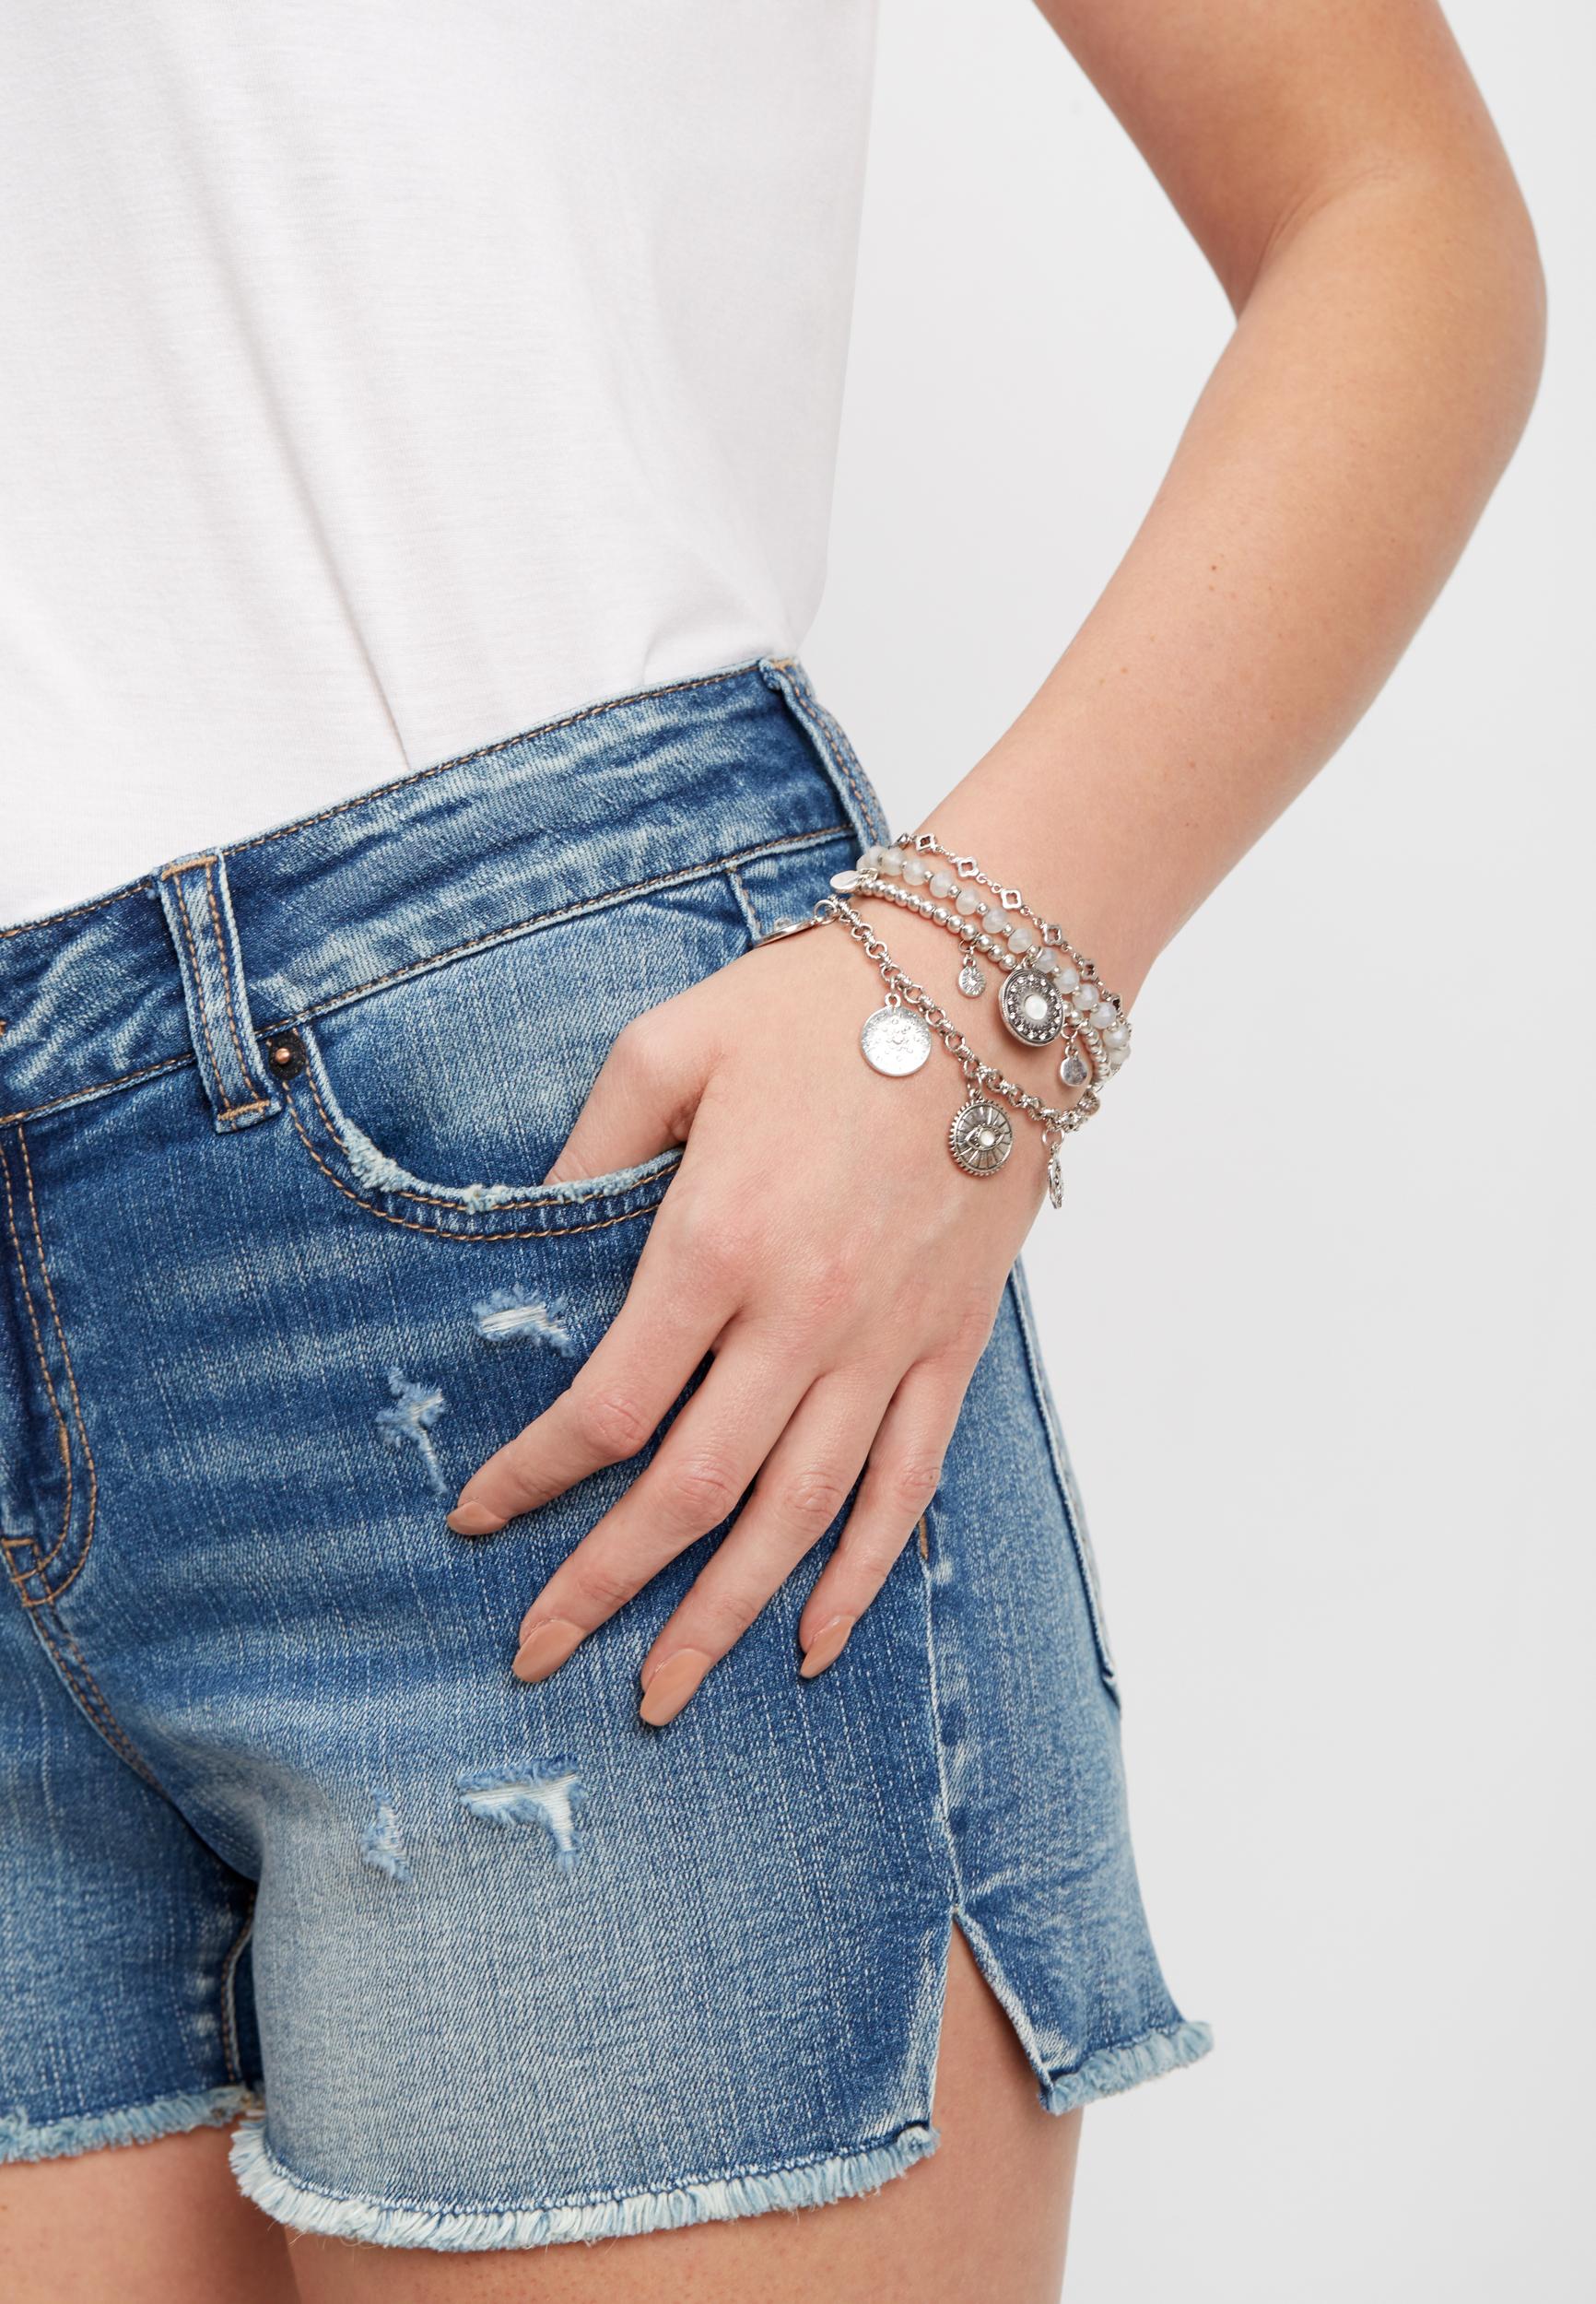 Silver Jeans Co Four Piece Silver Bracelet Set